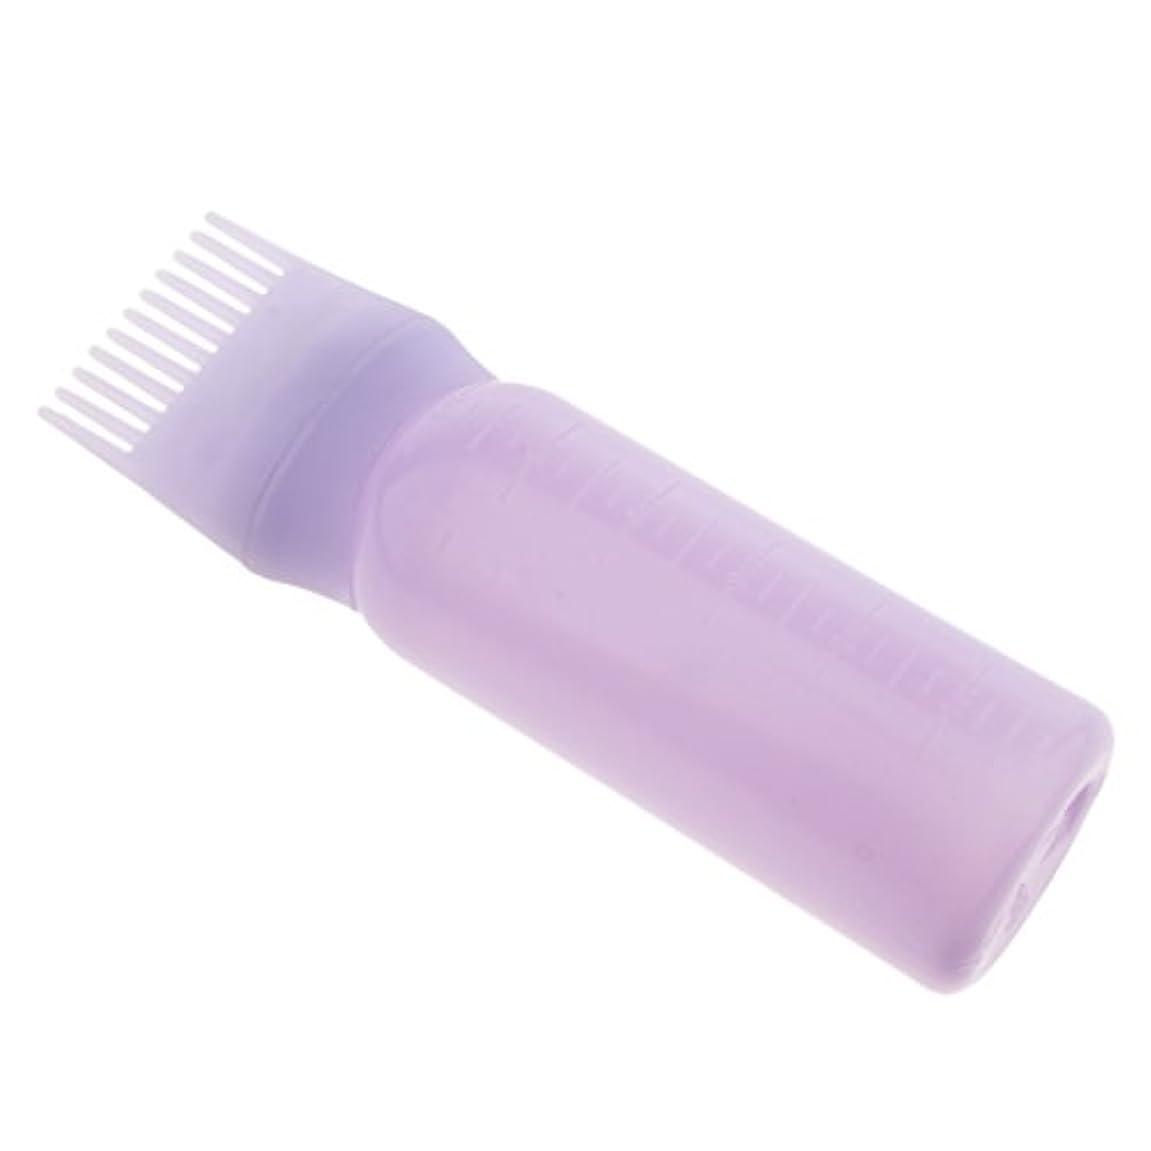 成人期三番幸運なヘアダイ ヘアカラー ボトル コーム ディスペンサー ブラシ付き 2タイプ選べる - 紫